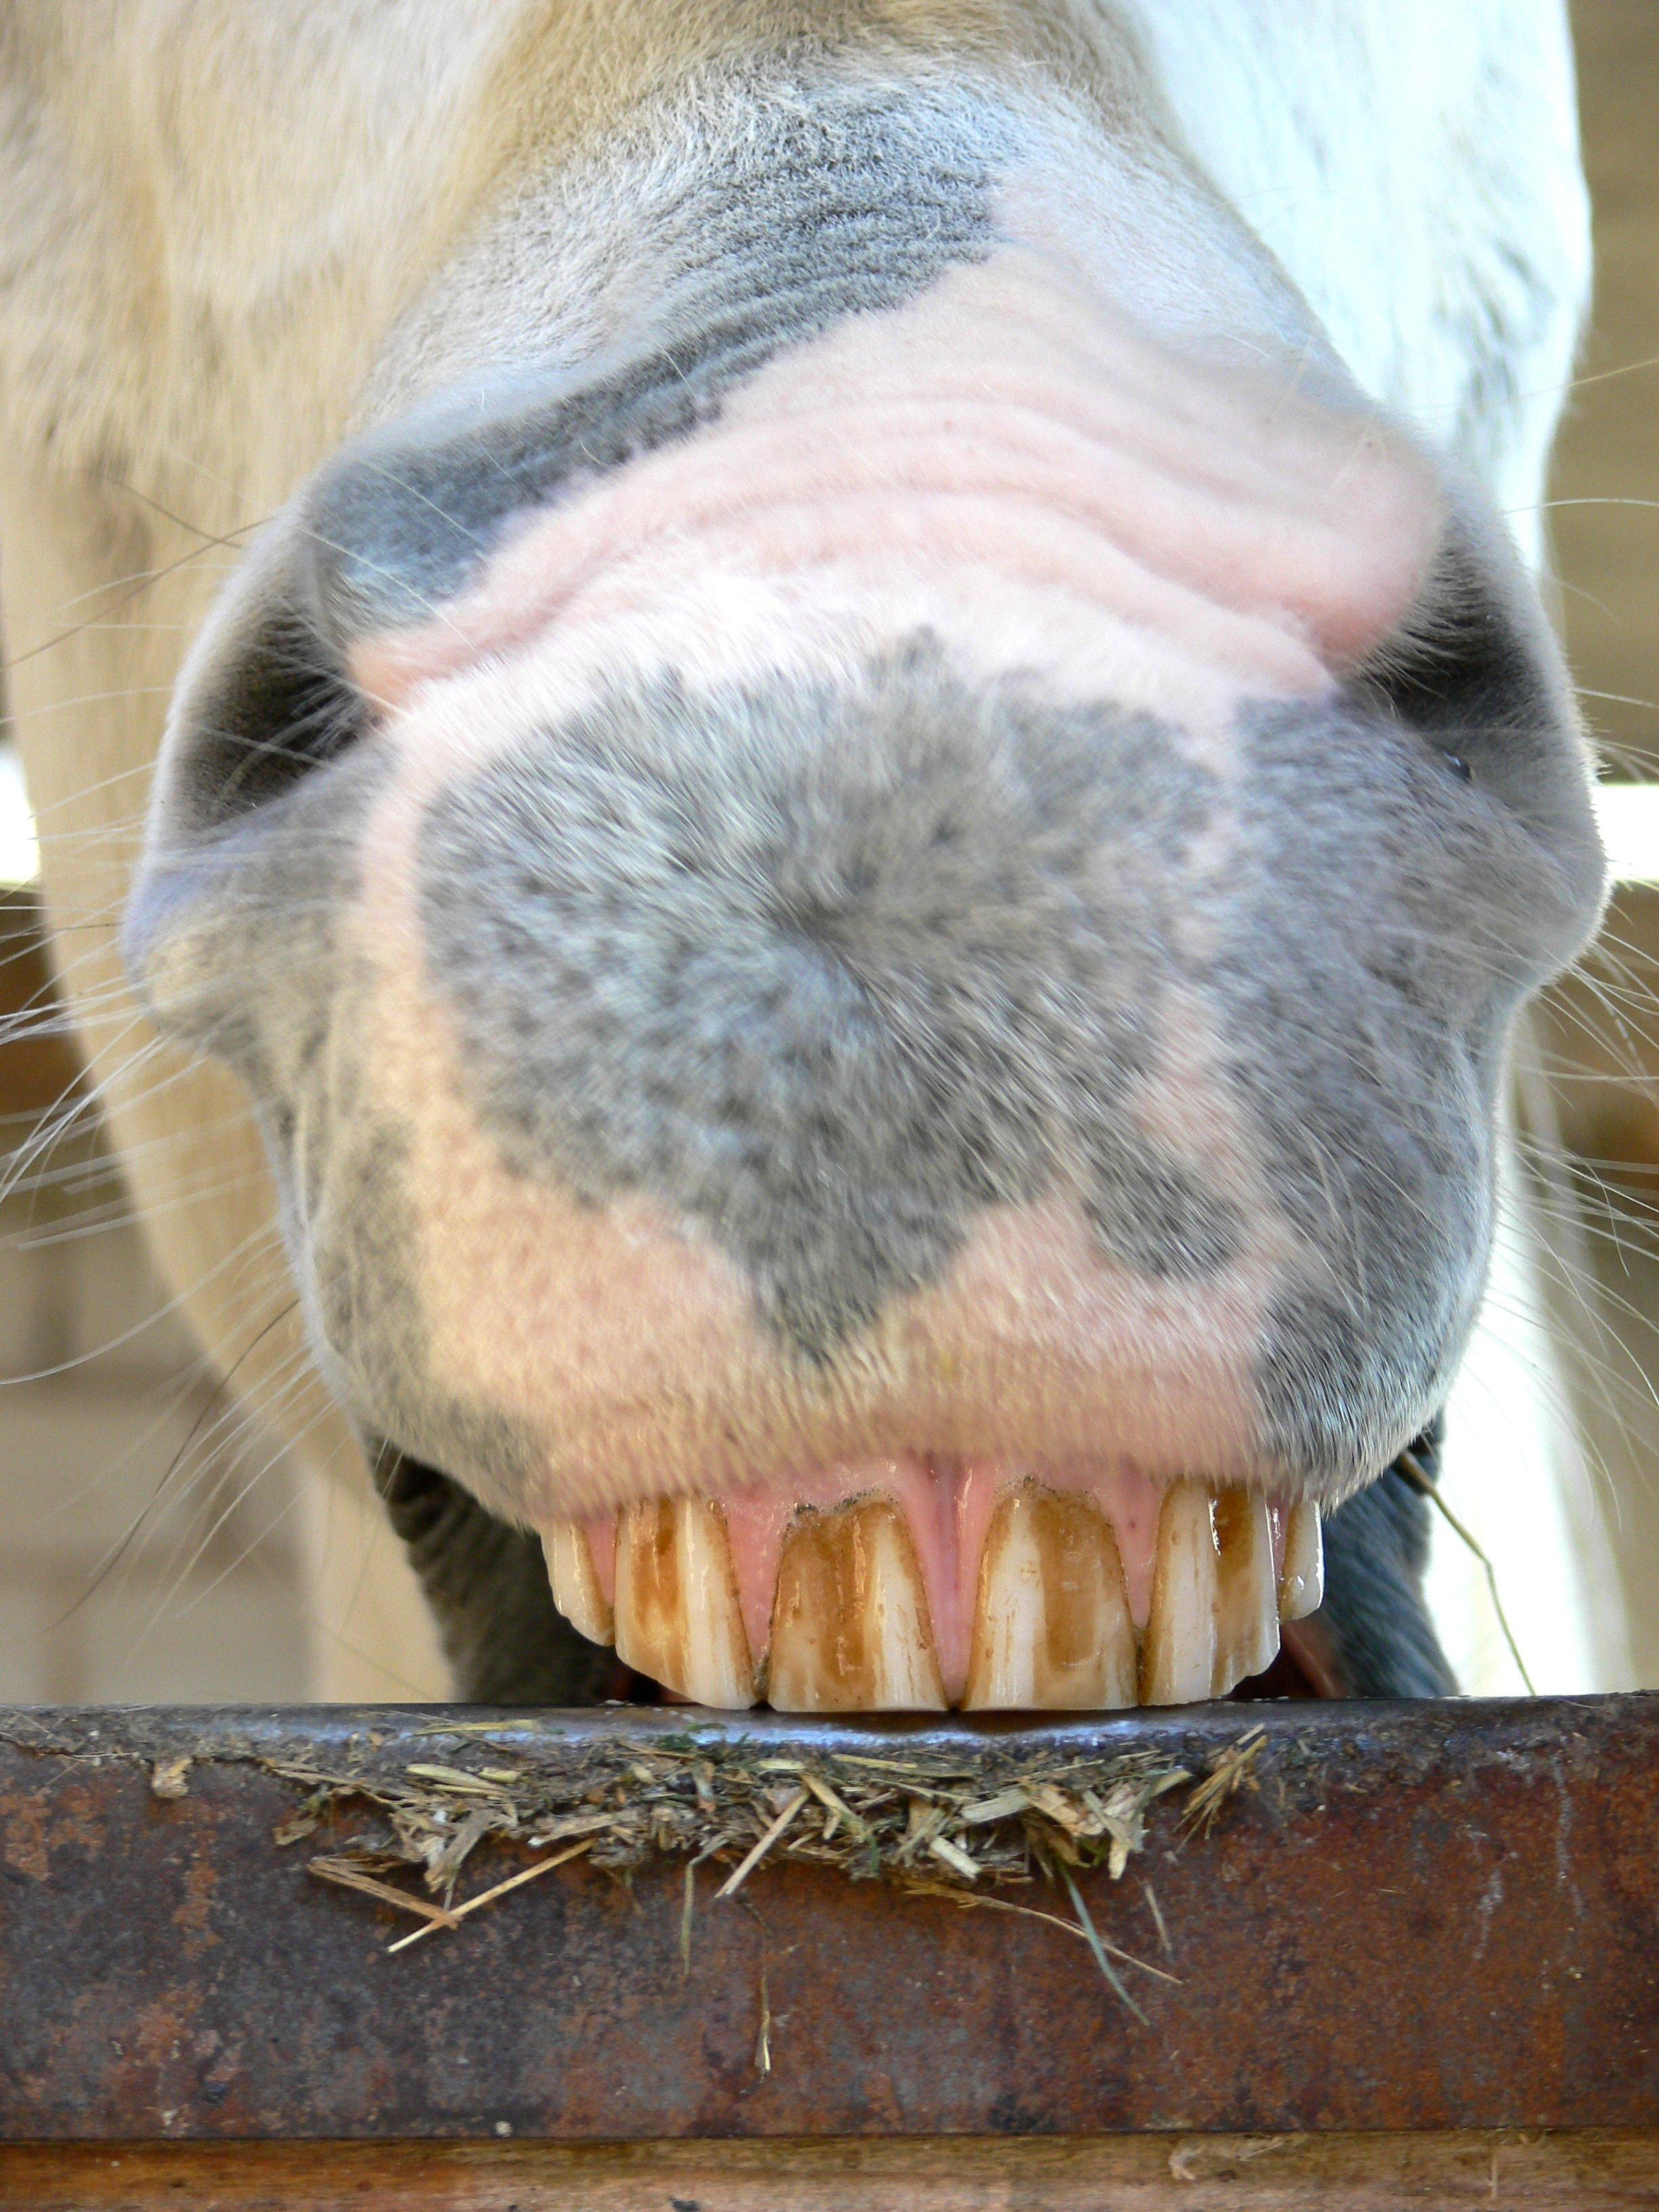 Koppen_Symptom_Magengeschwuer_Pferd